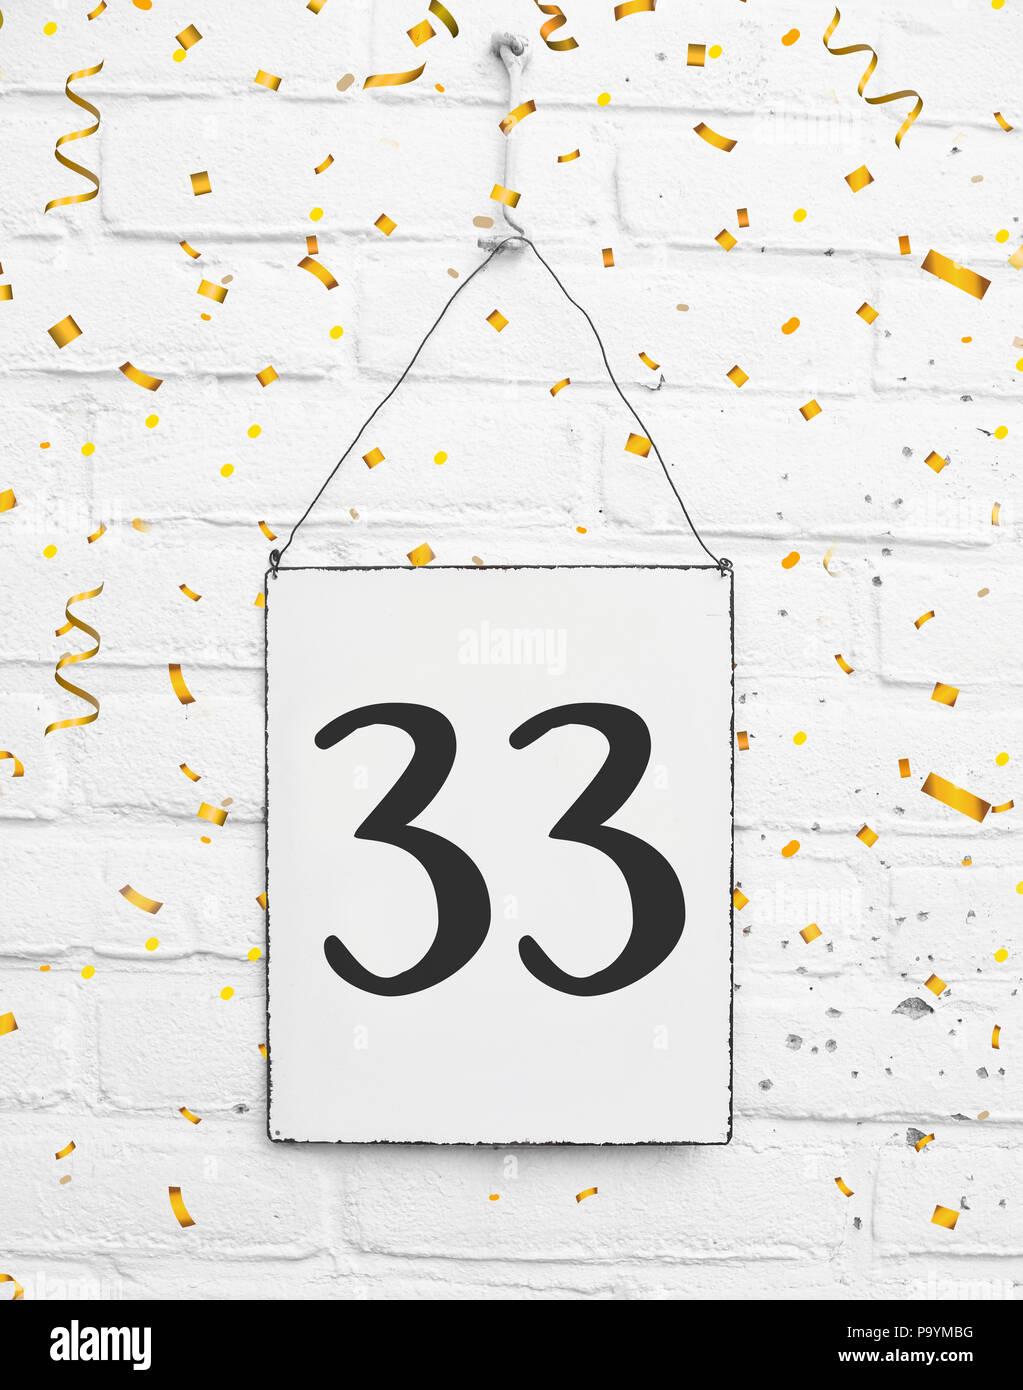 33 30 Drei Jahre Alt Geburtstag Herzlichen Glückwunsch Text